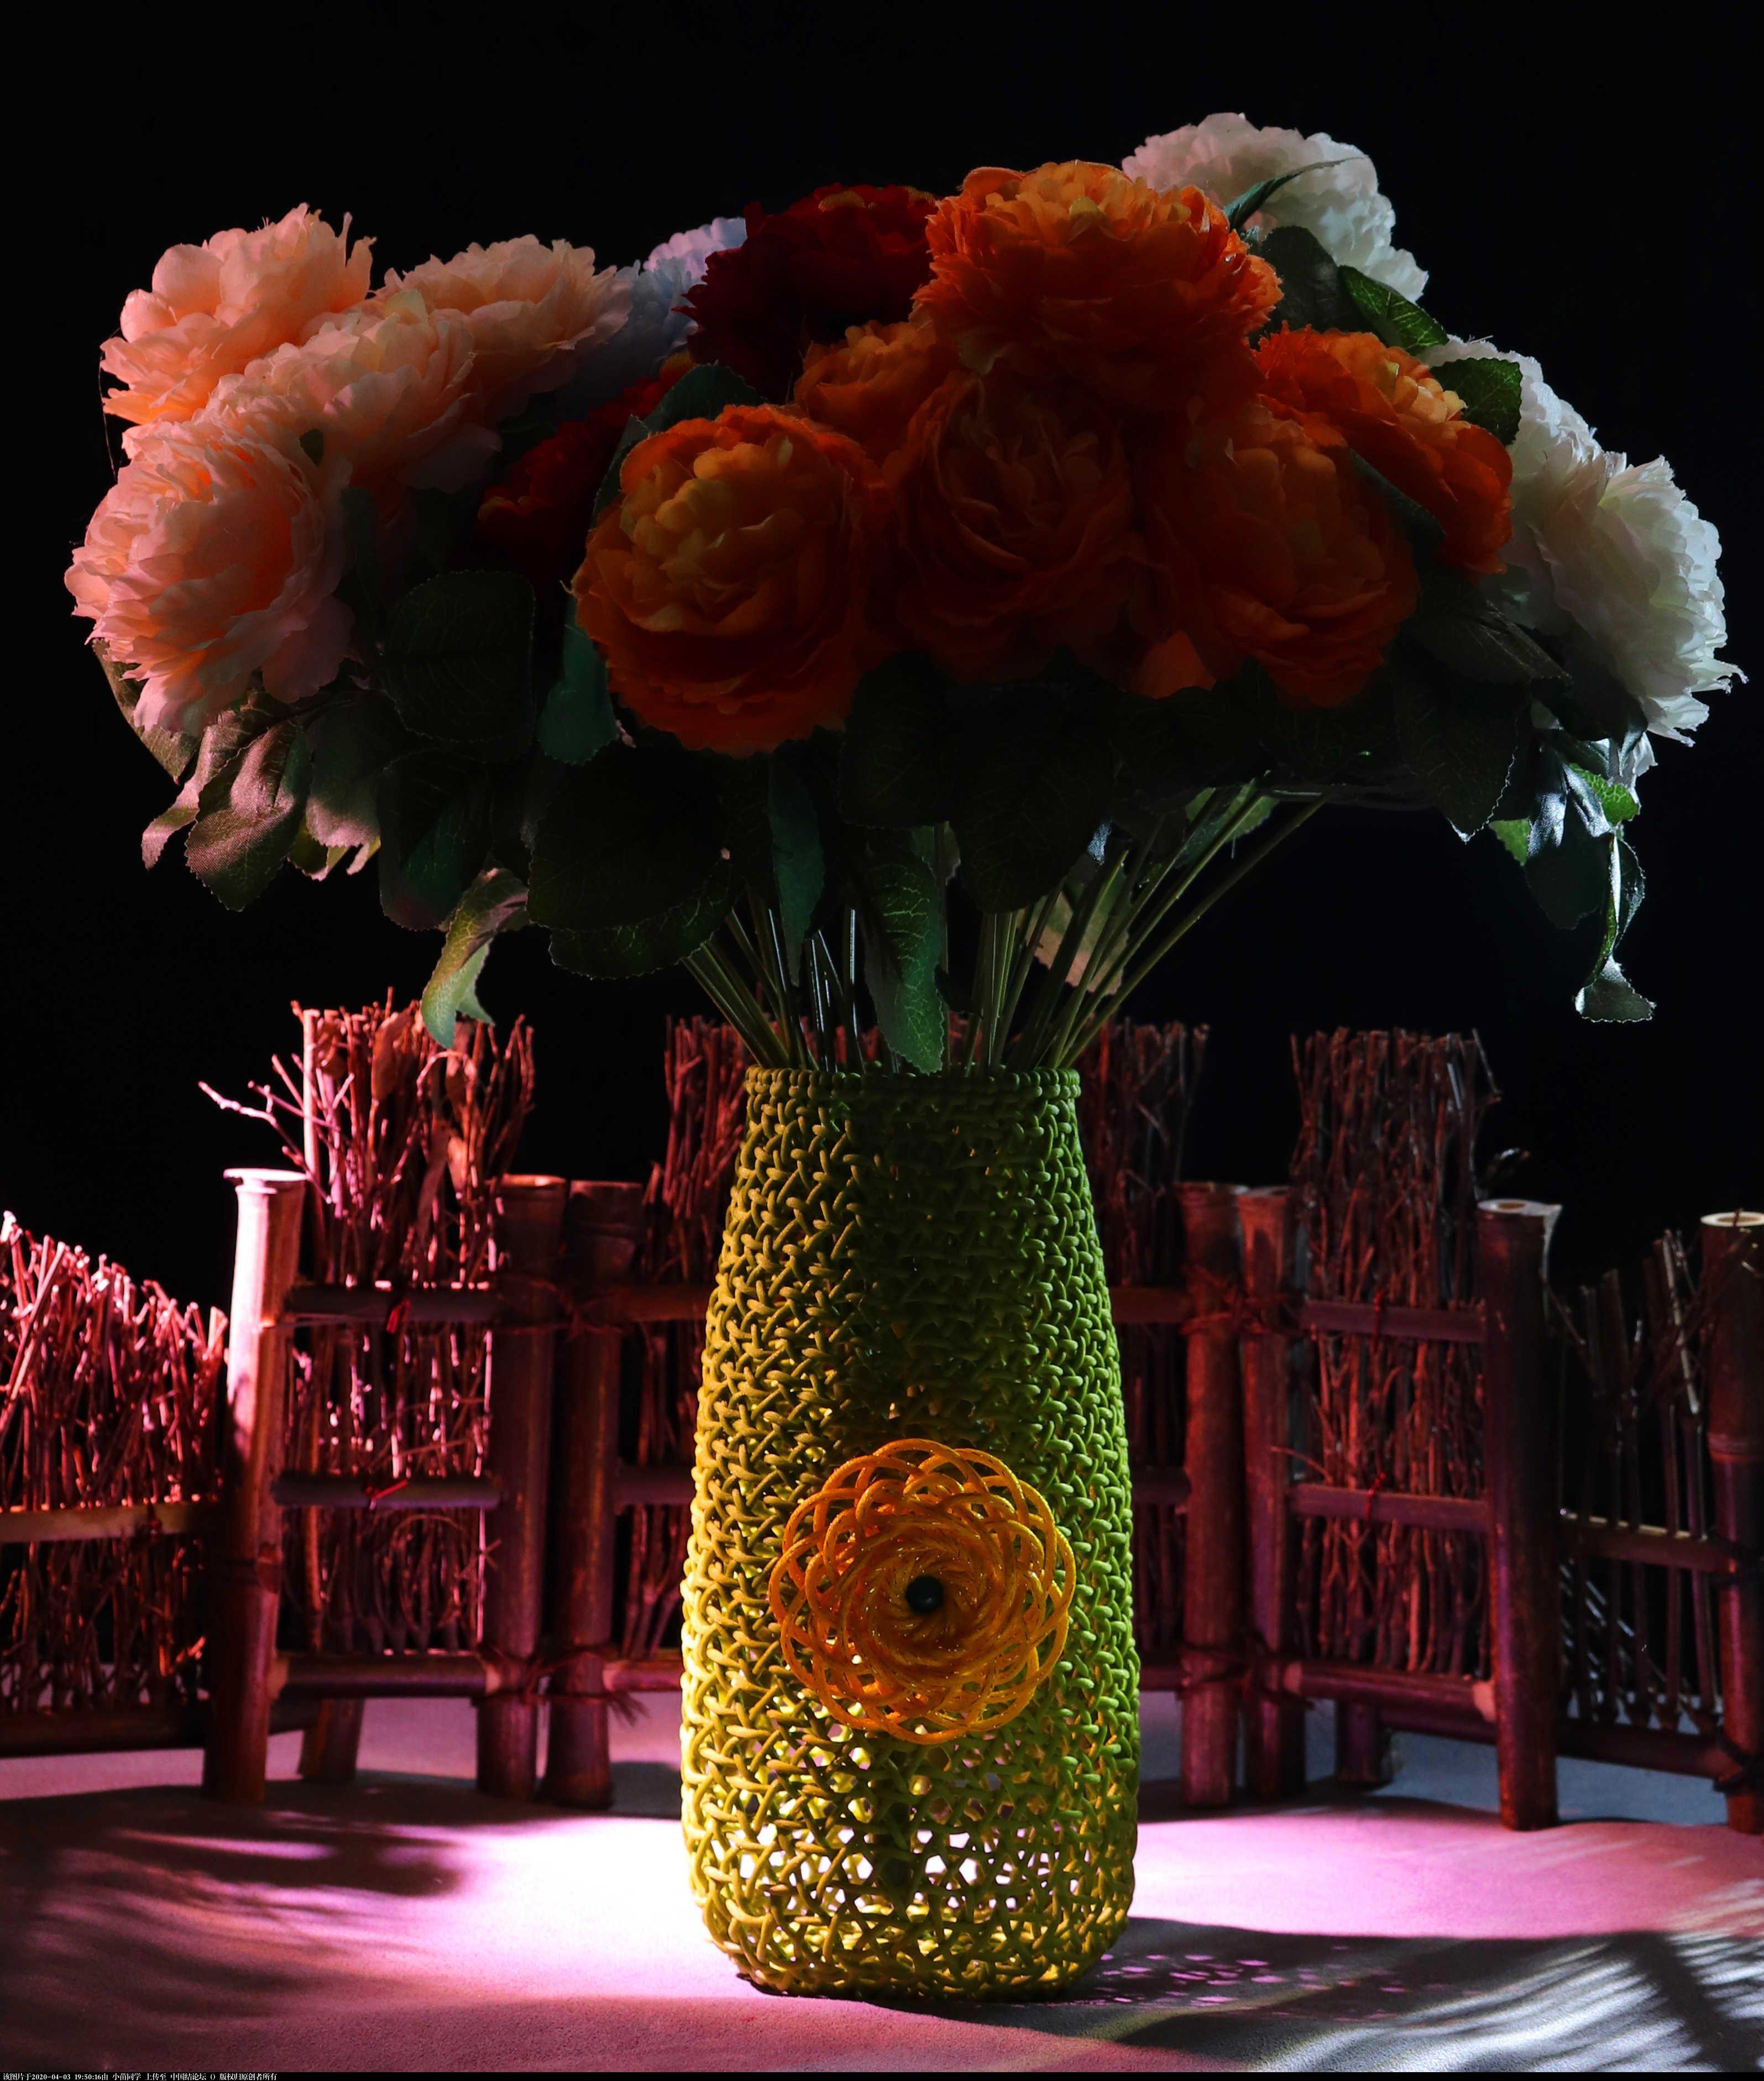 中国结论坛 花股结花瓶 花瓶,花瓶图案,大花瓶,花瓶姑娘,花瓶什么意思 作品展示 195007bm7aw1fe6a4esf34